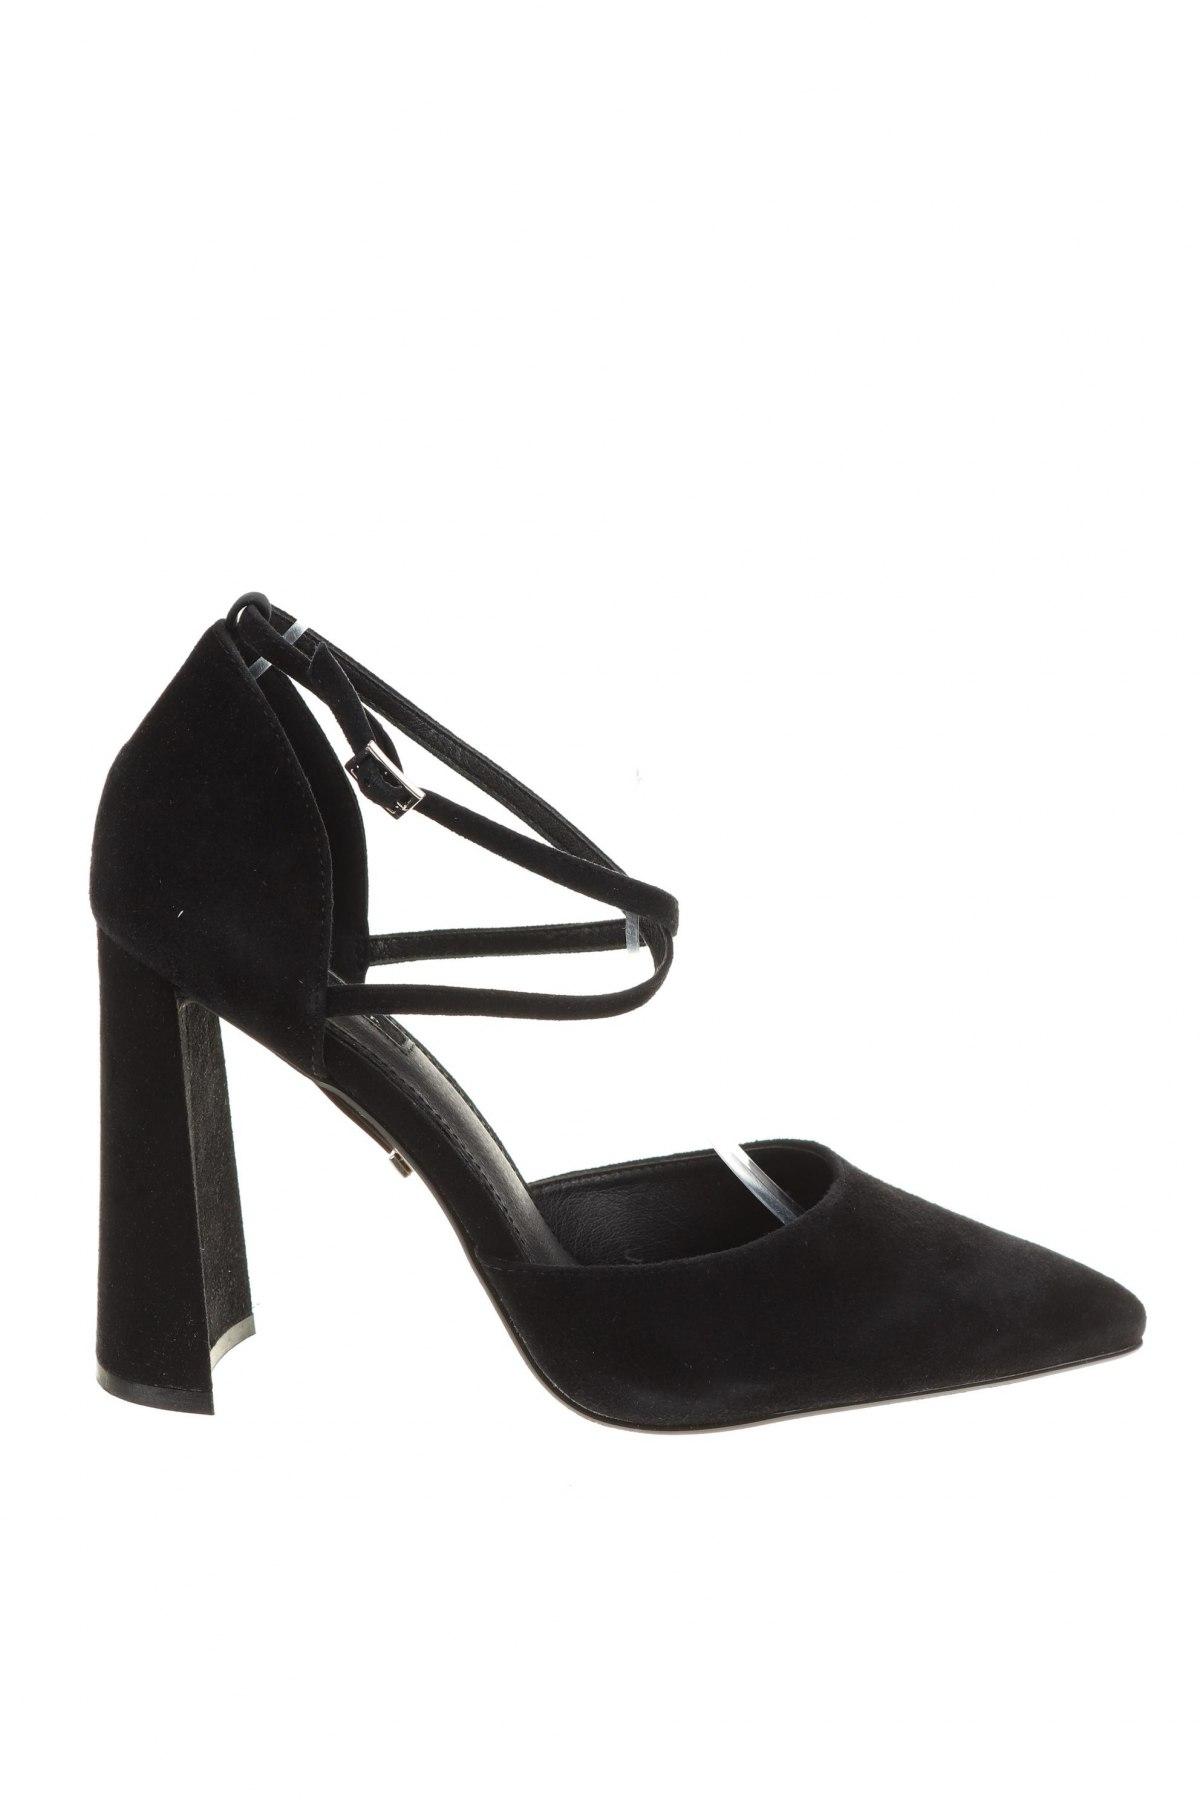 Дамски обувки Topshop, Размер 41, Цвят Черен, Естествен велур, Цена 33,00лв.